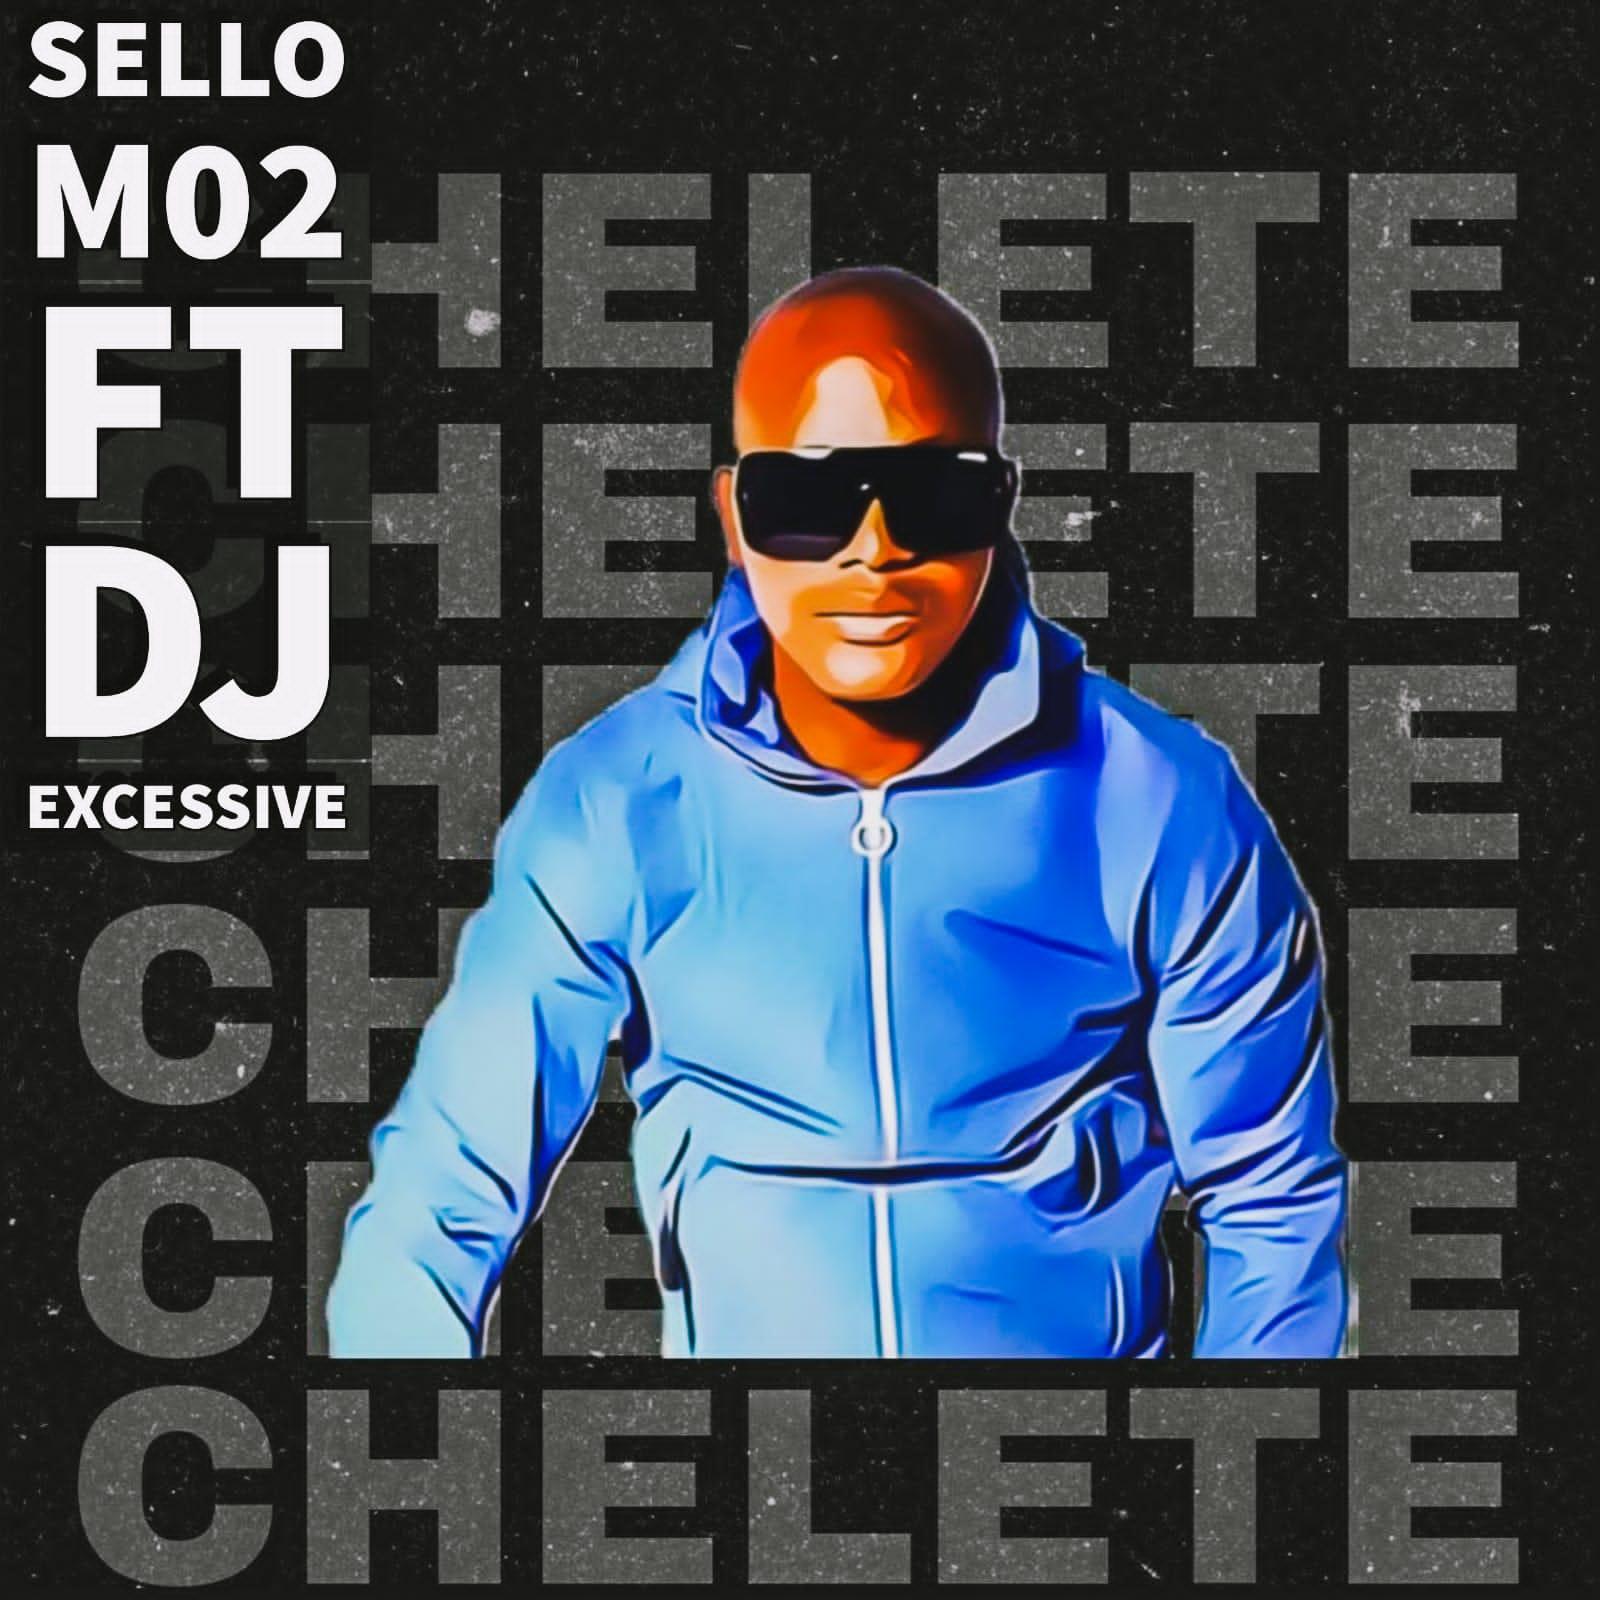 Sello-MO2